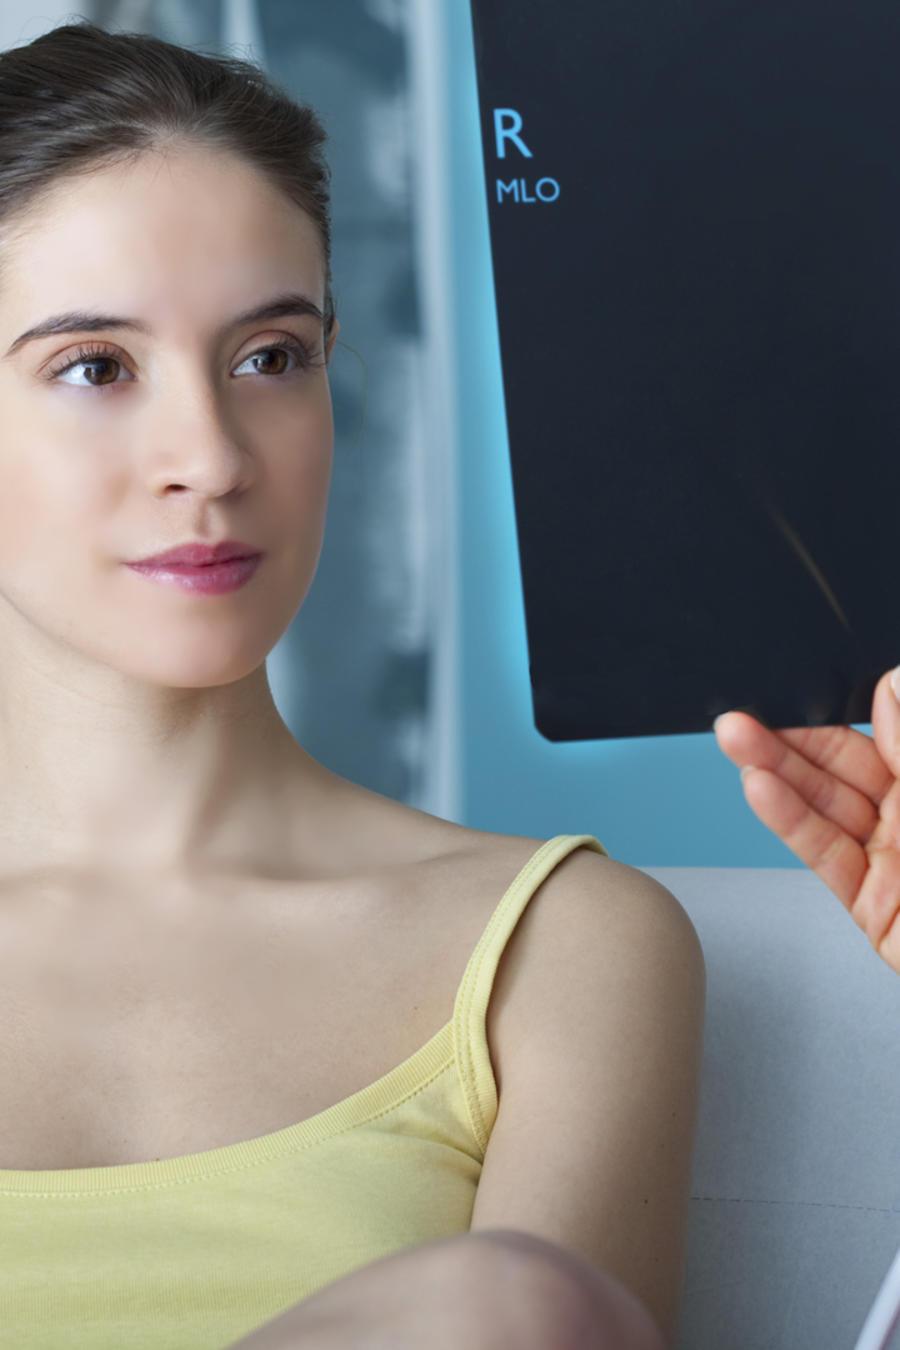 Mitos más comunes sobre el cáncer de mama